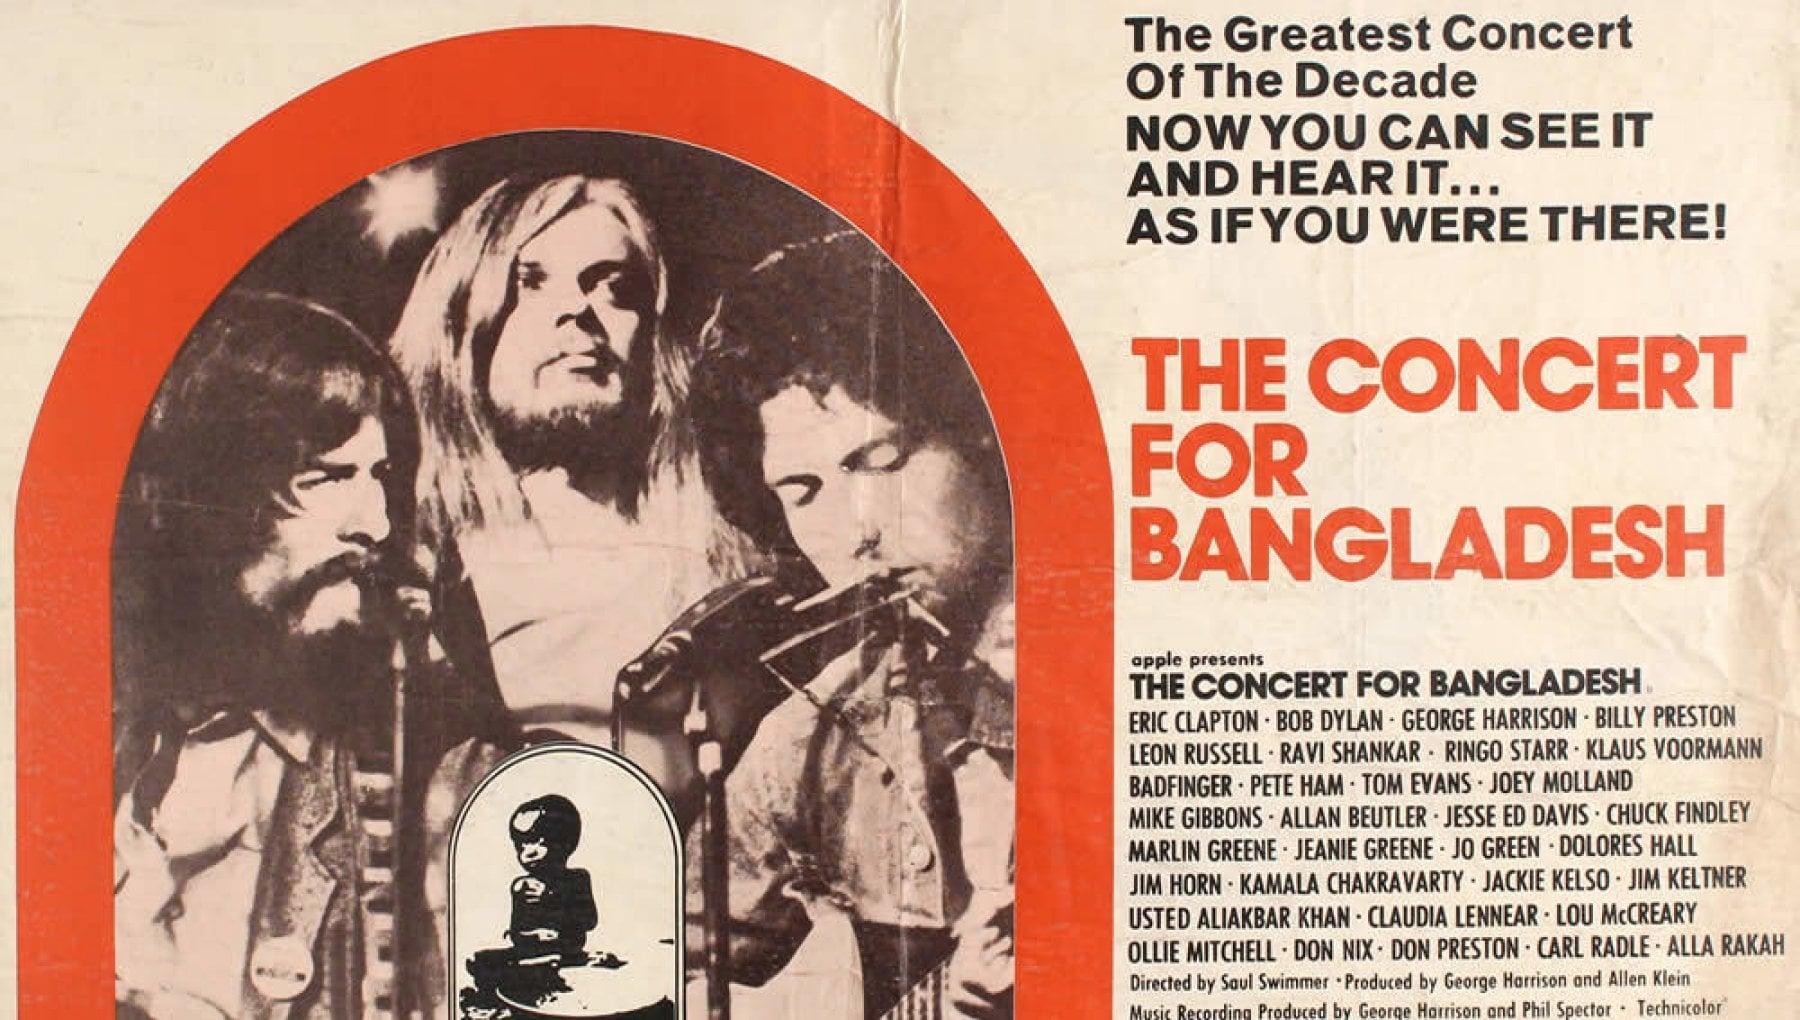 Dischi storici e concerti benefici perche il 1971 e lanno doro della musica rock